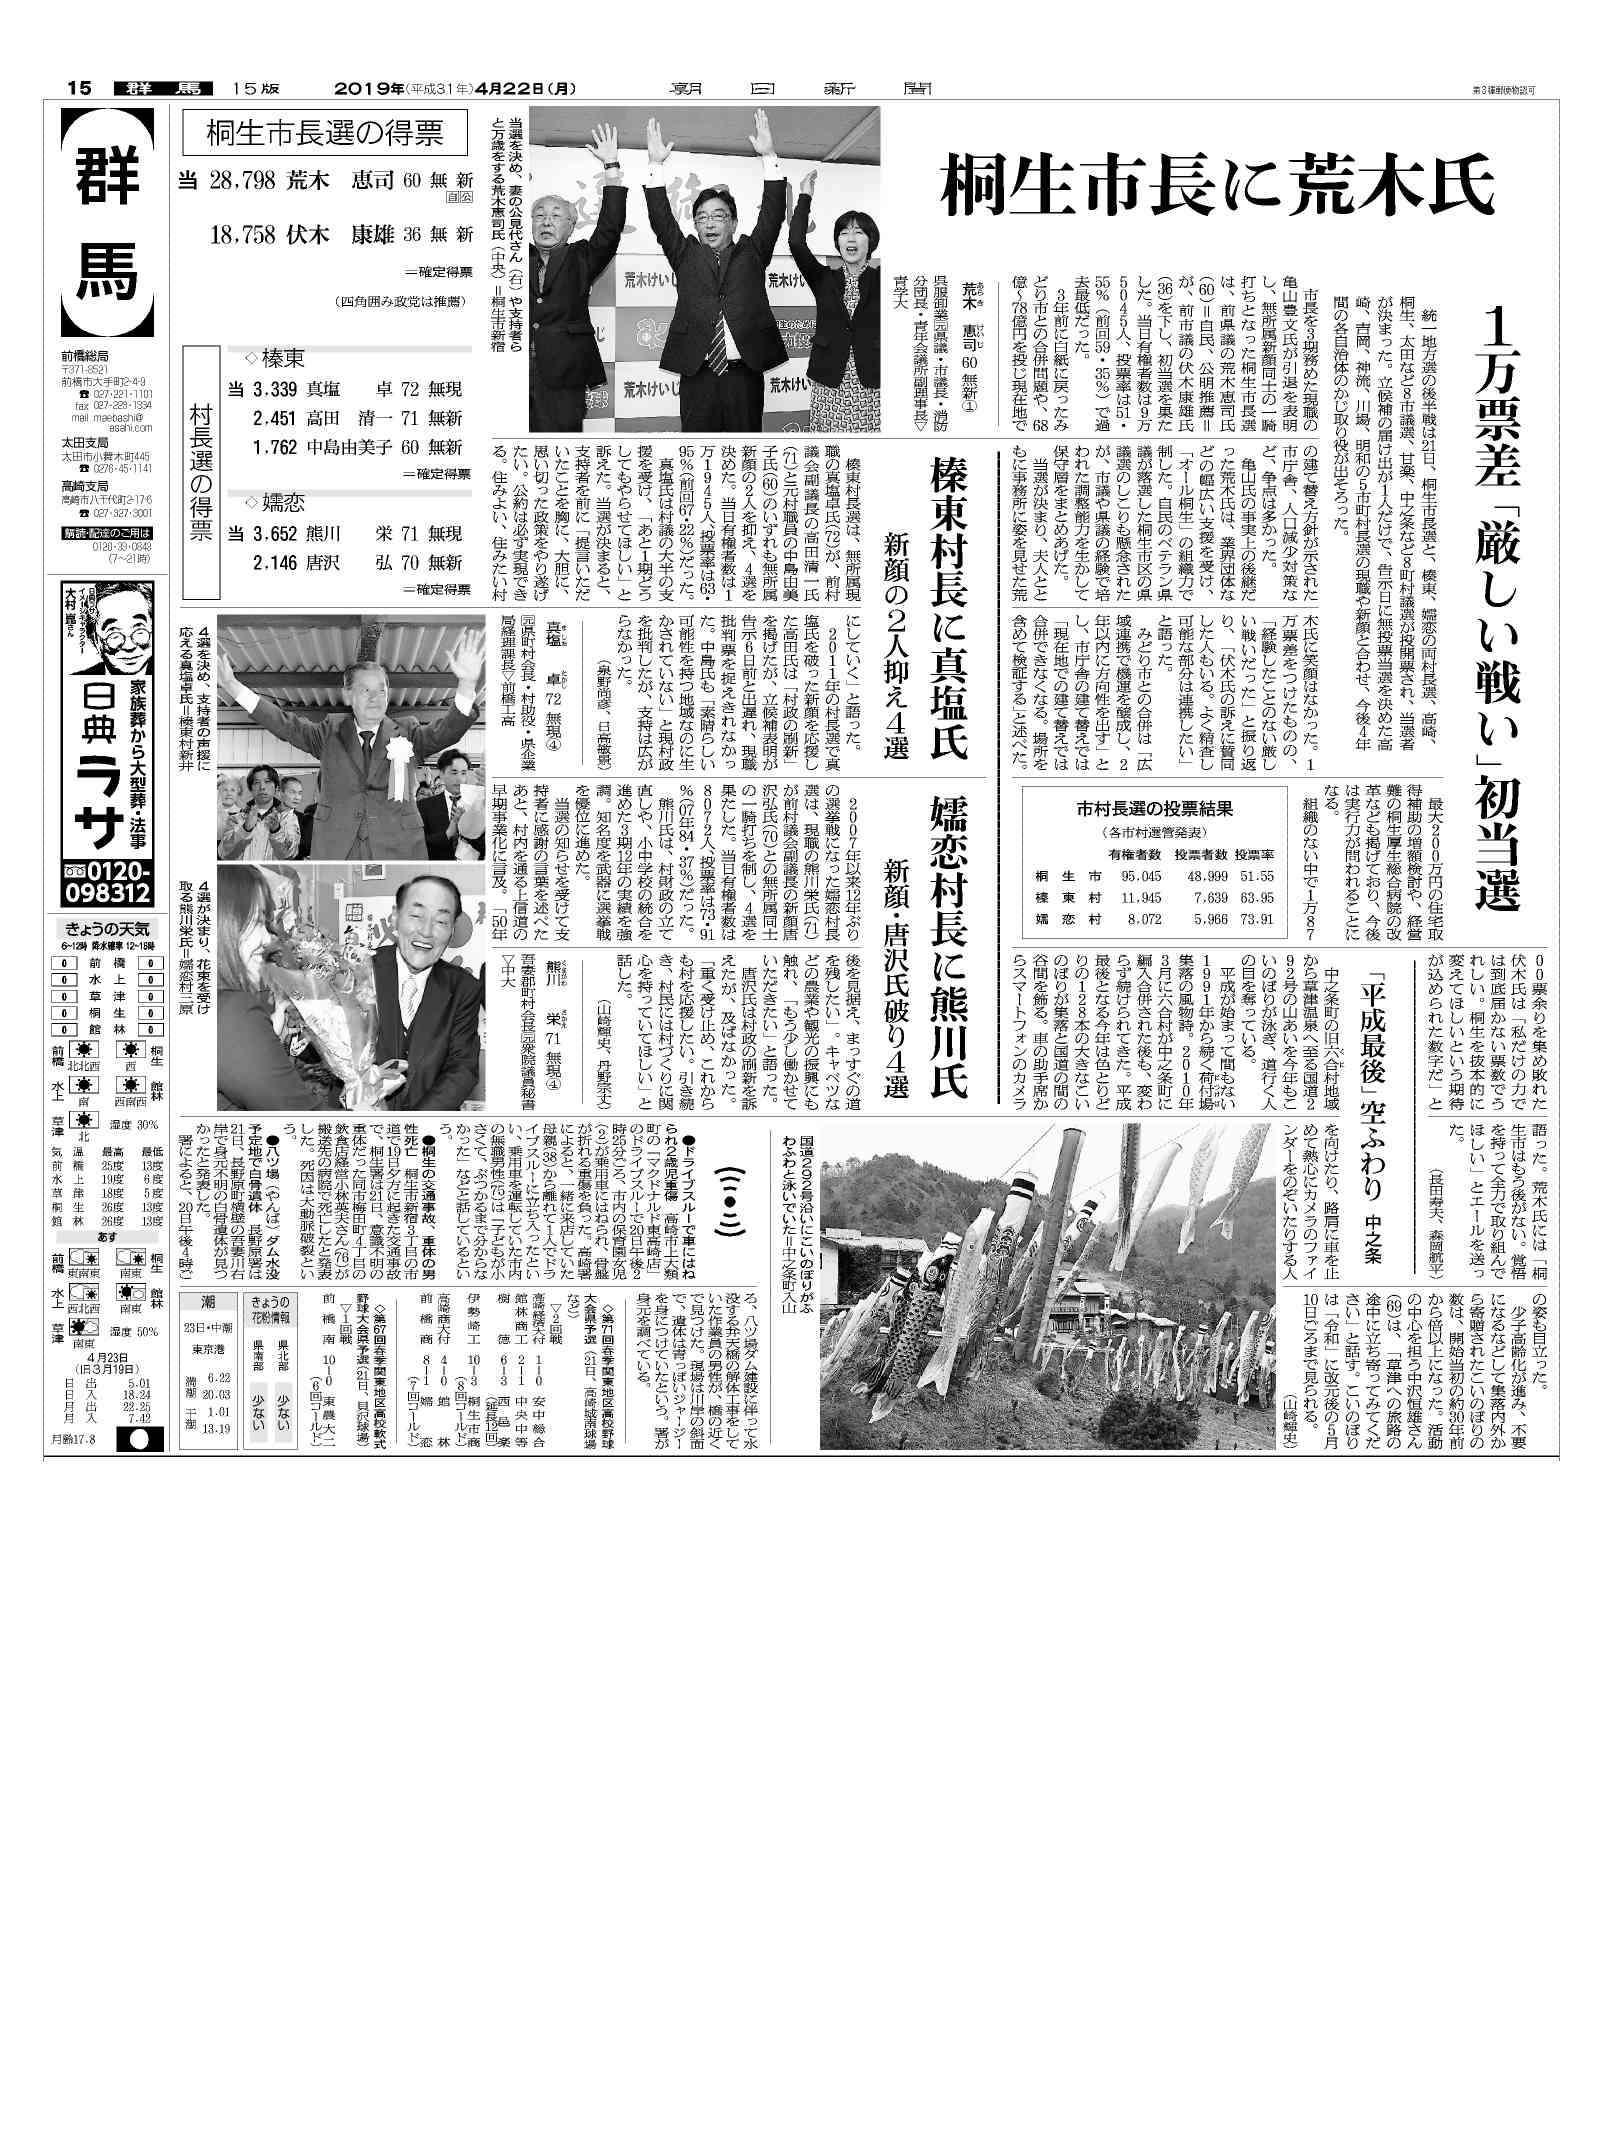 統一地方選挙 群馬-紙面イメージ